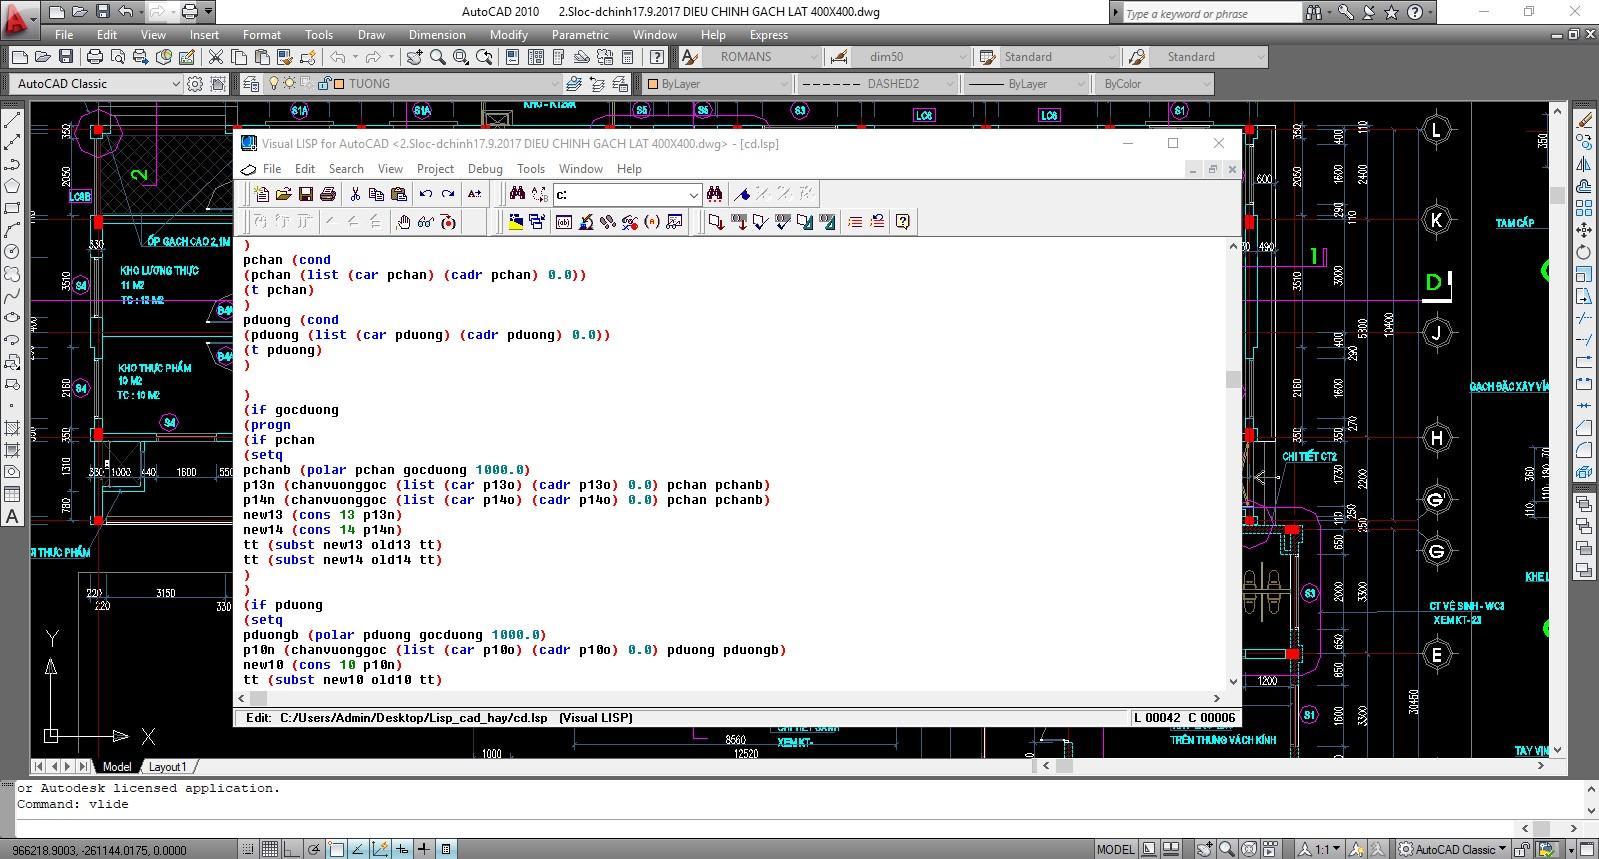 Autolisp: Hướng dẫn cài đặt và các lệnh liên quan đến Lisp